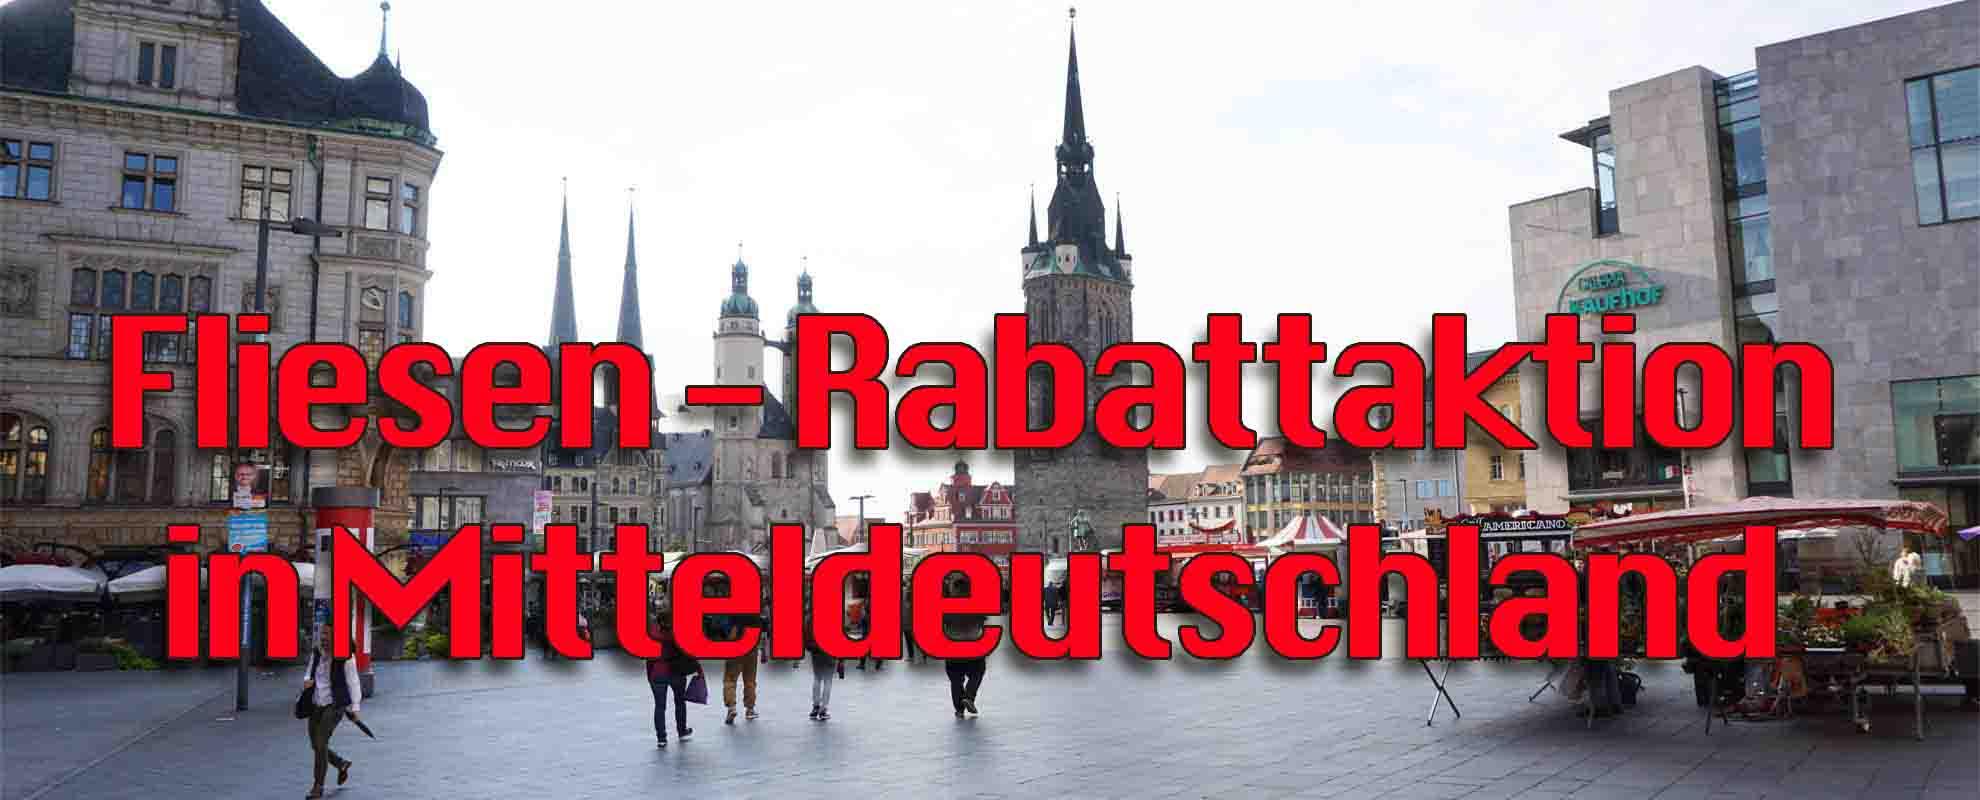 Fliesen-Rabattaktion in Mitteldeutschland